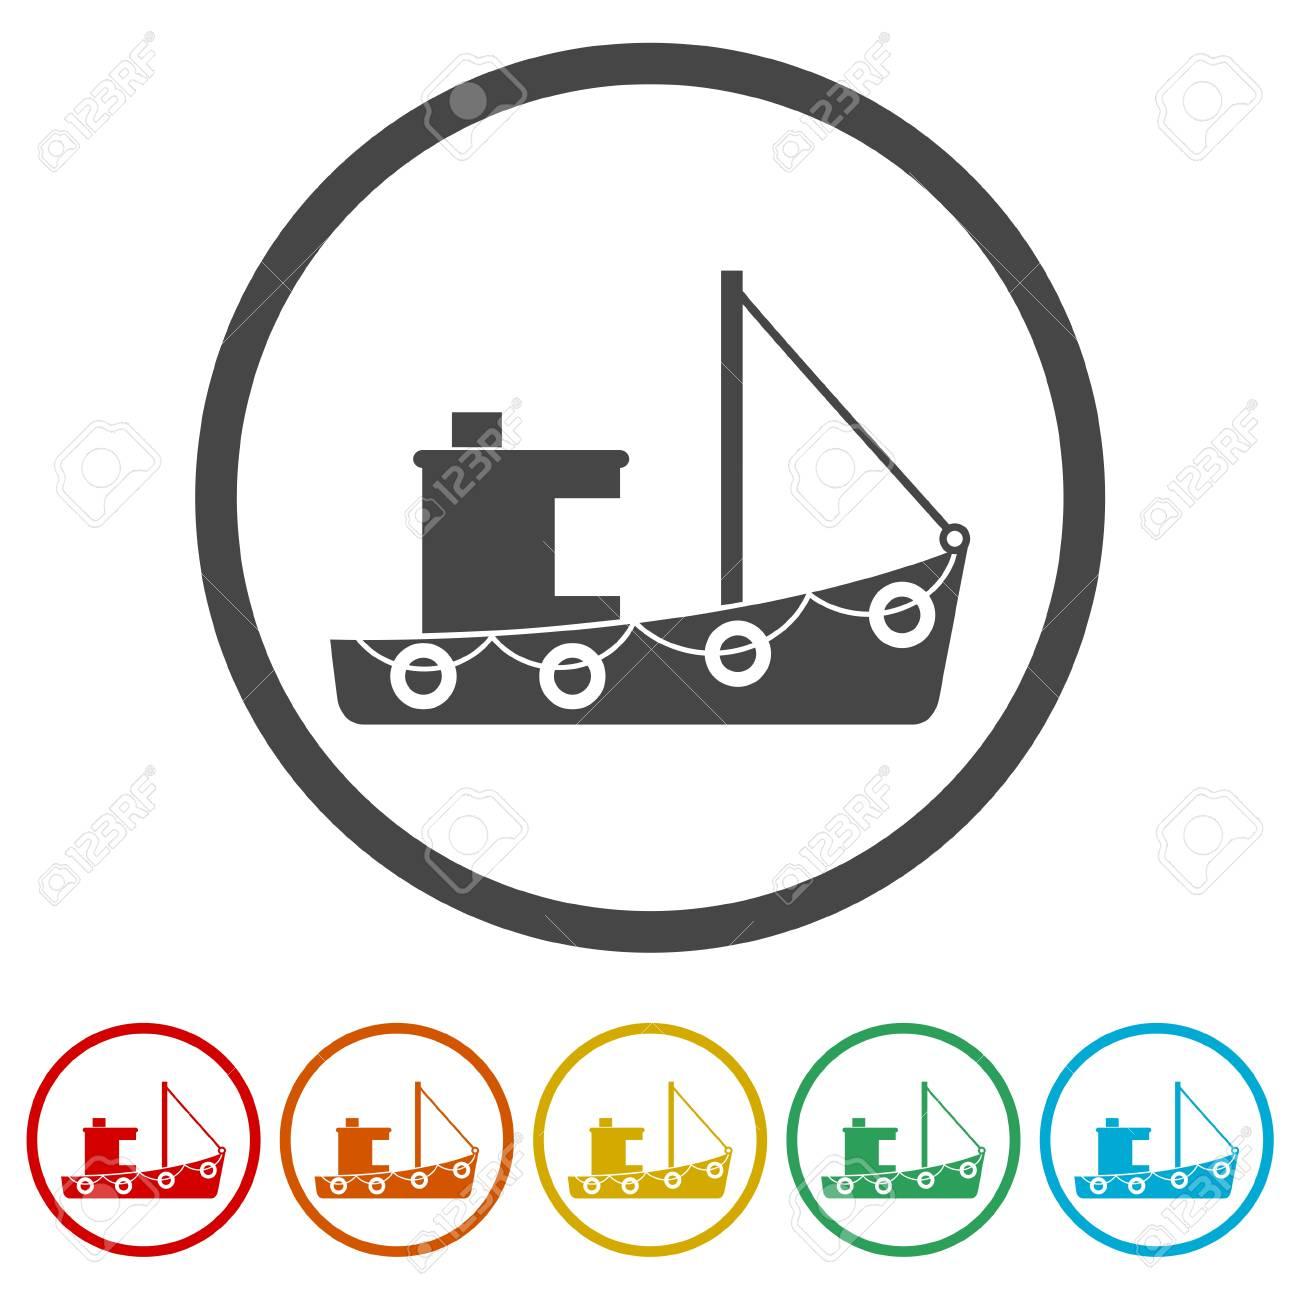 Fishing boat icons set - 107231943